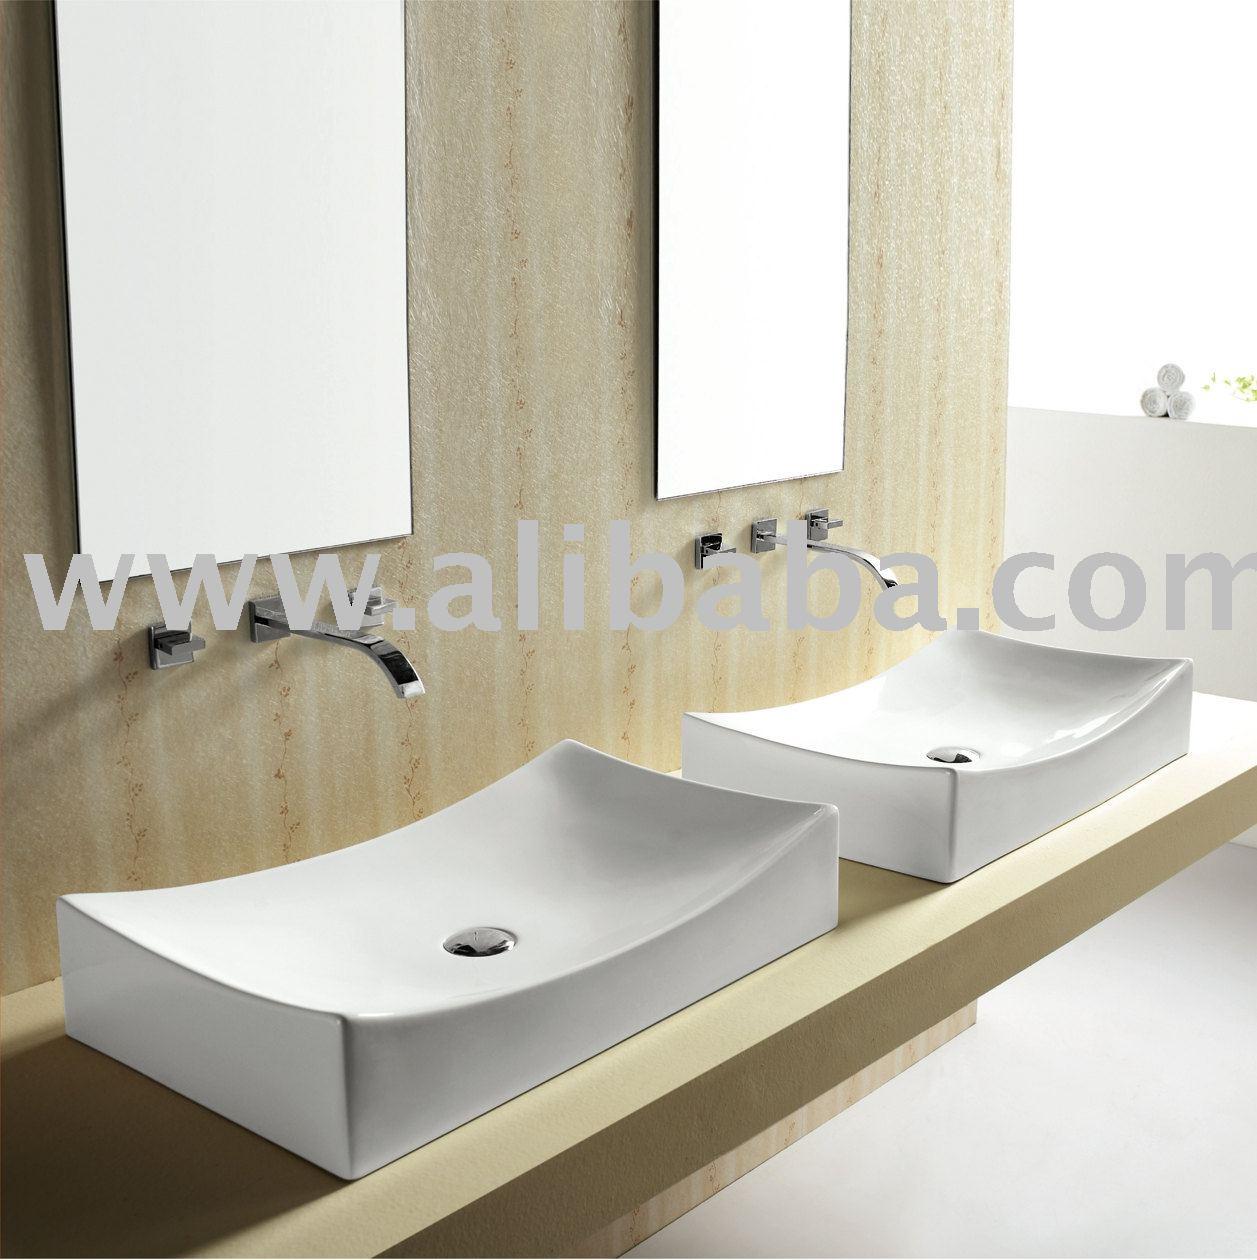 Bathroom Wash Basin : basin / Wash Basin / Bathroom Sink, View wash basin basin art basin ...